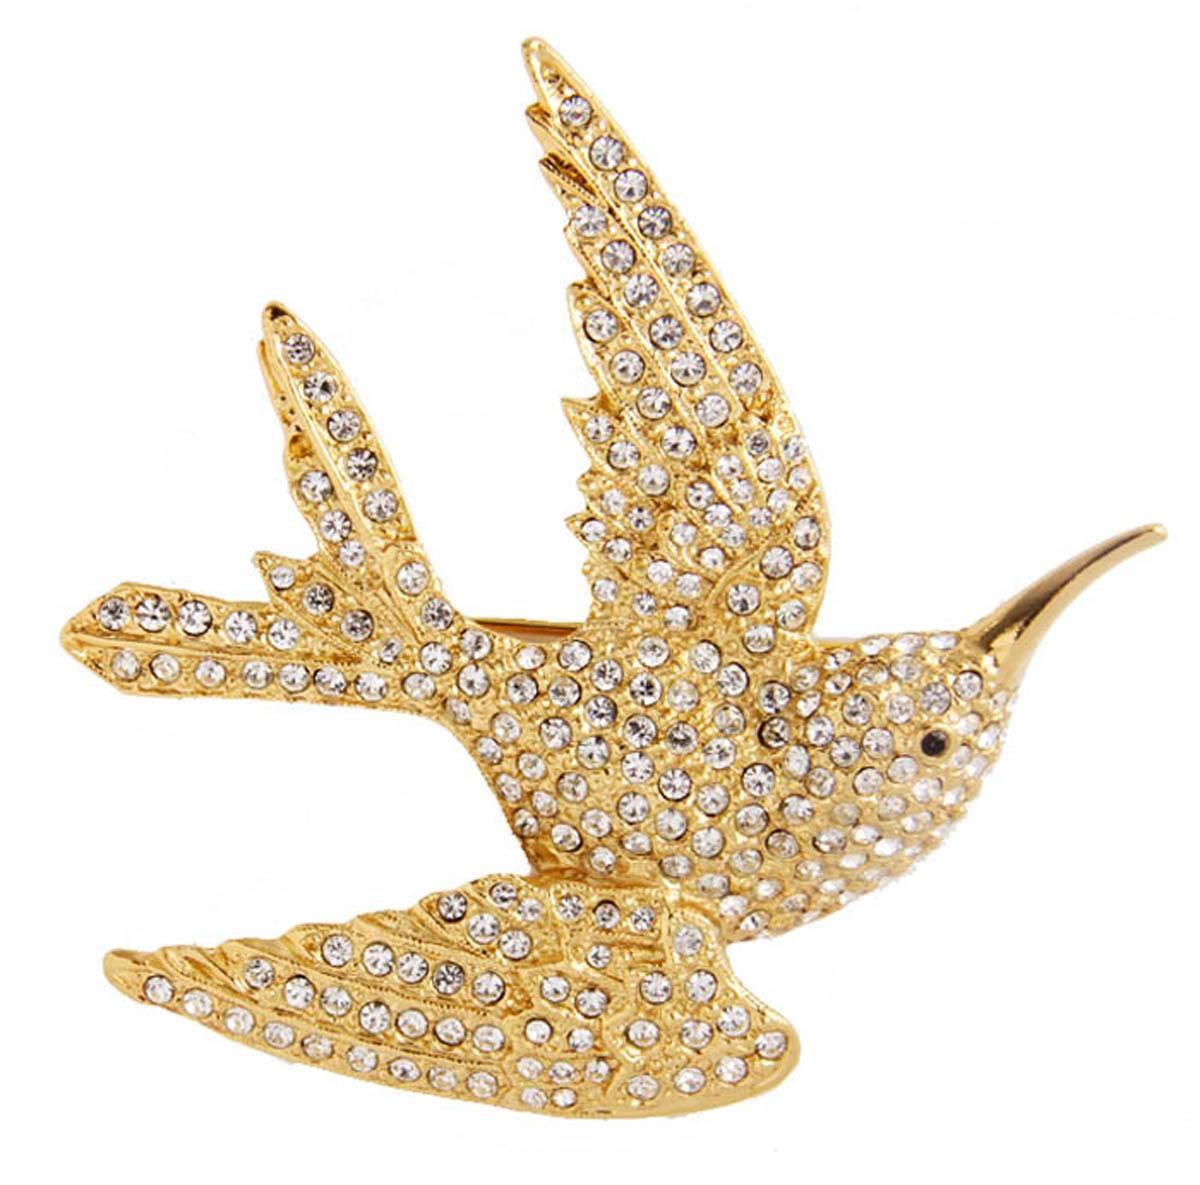 """Брошь бижутерная """"Птица в полете"""", Бижутерный сплав, Австрийские кристаллы, золотой, белый"""